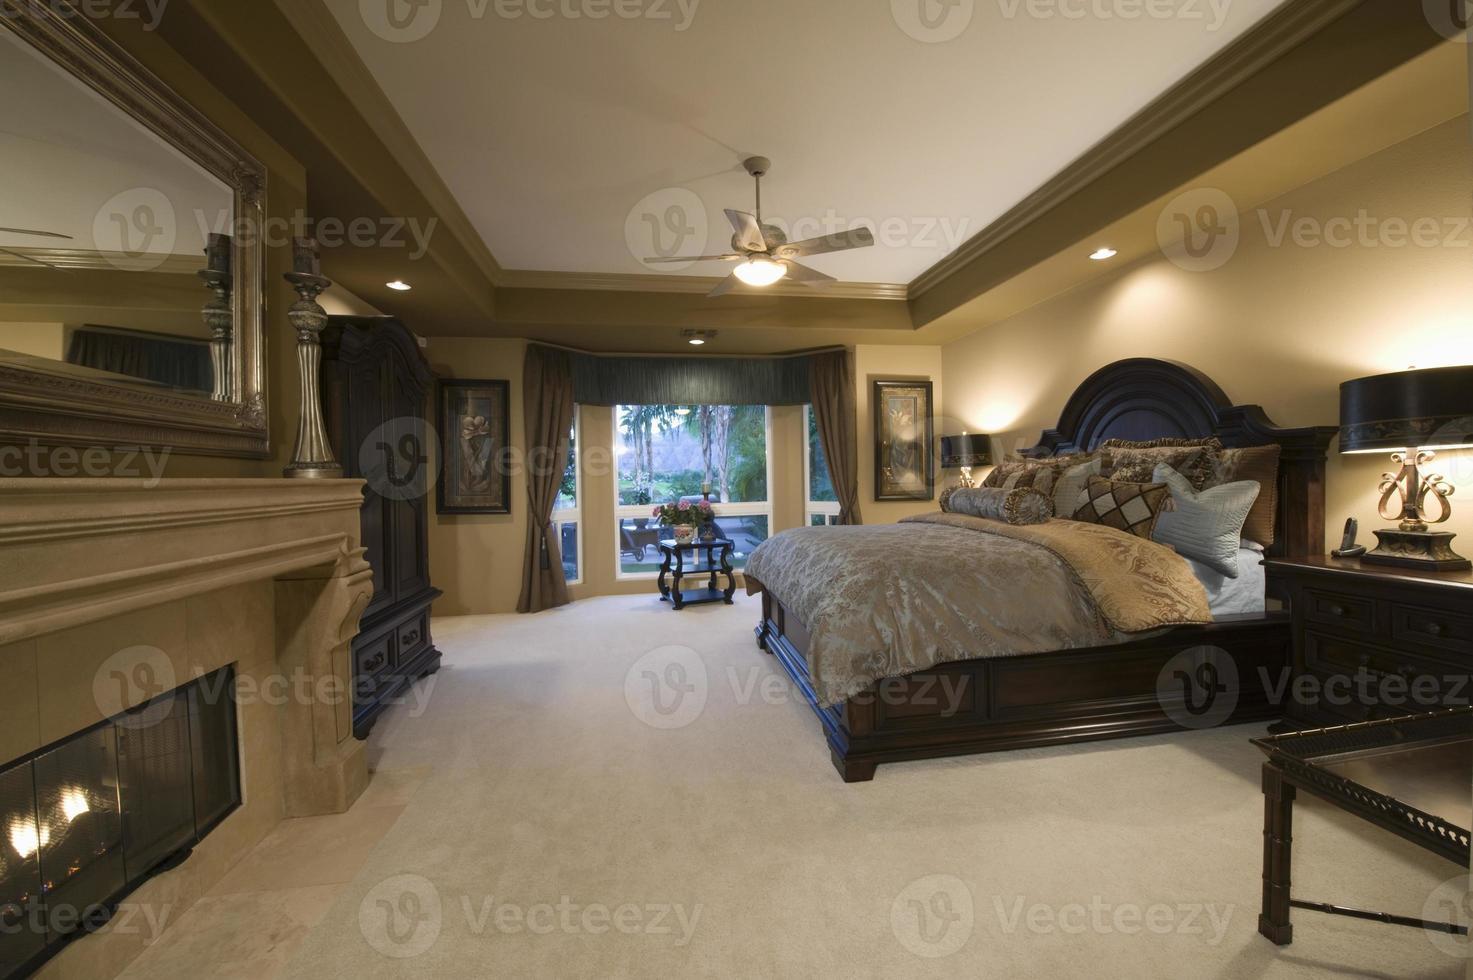 slaapkamer met donkerhouten meubelen foto